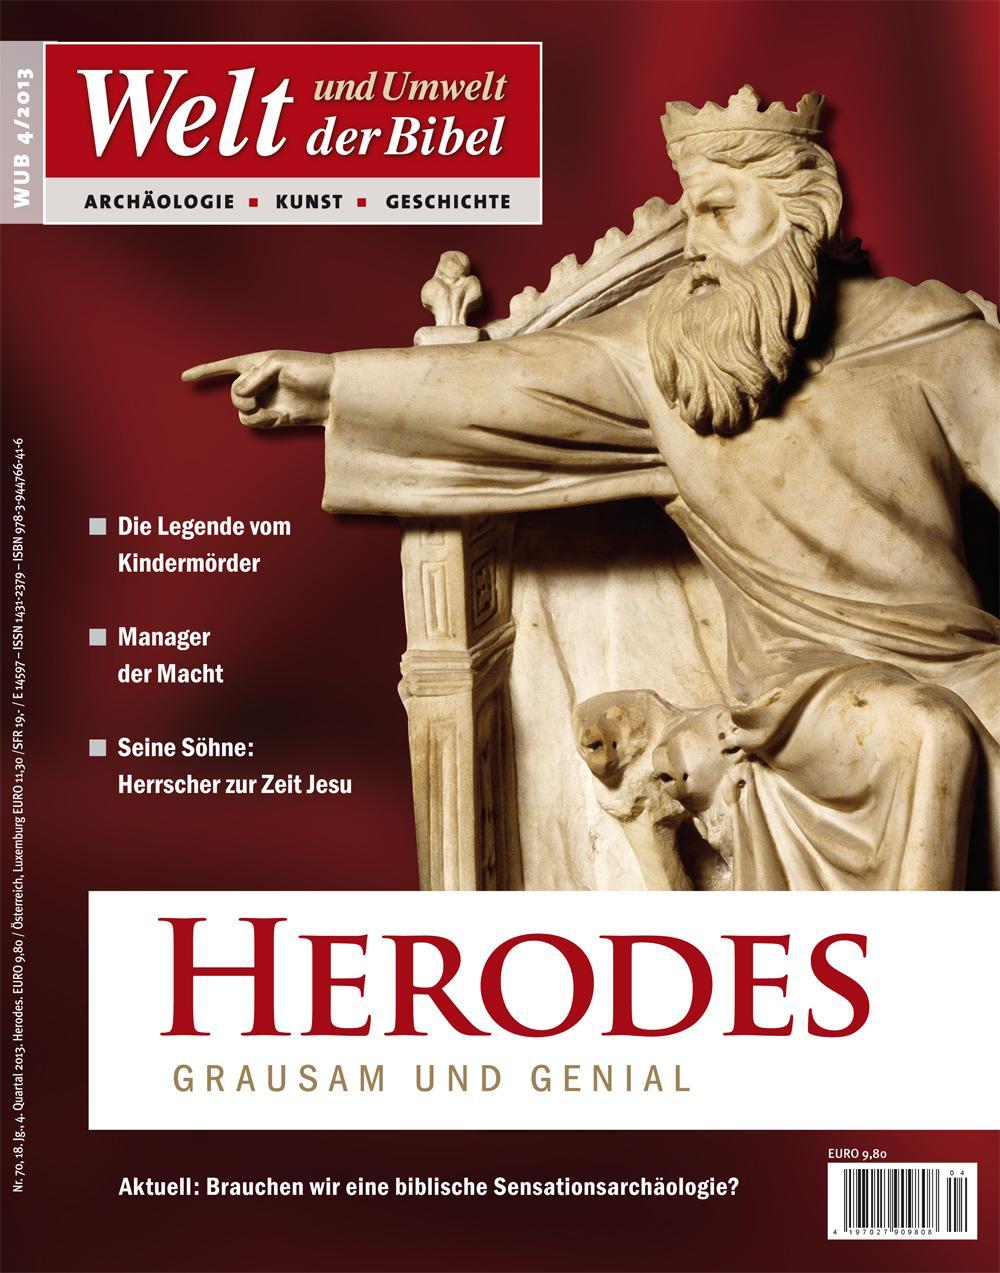 Titelbild Welt und Umwelt der Bibel 4/2013 Herodes